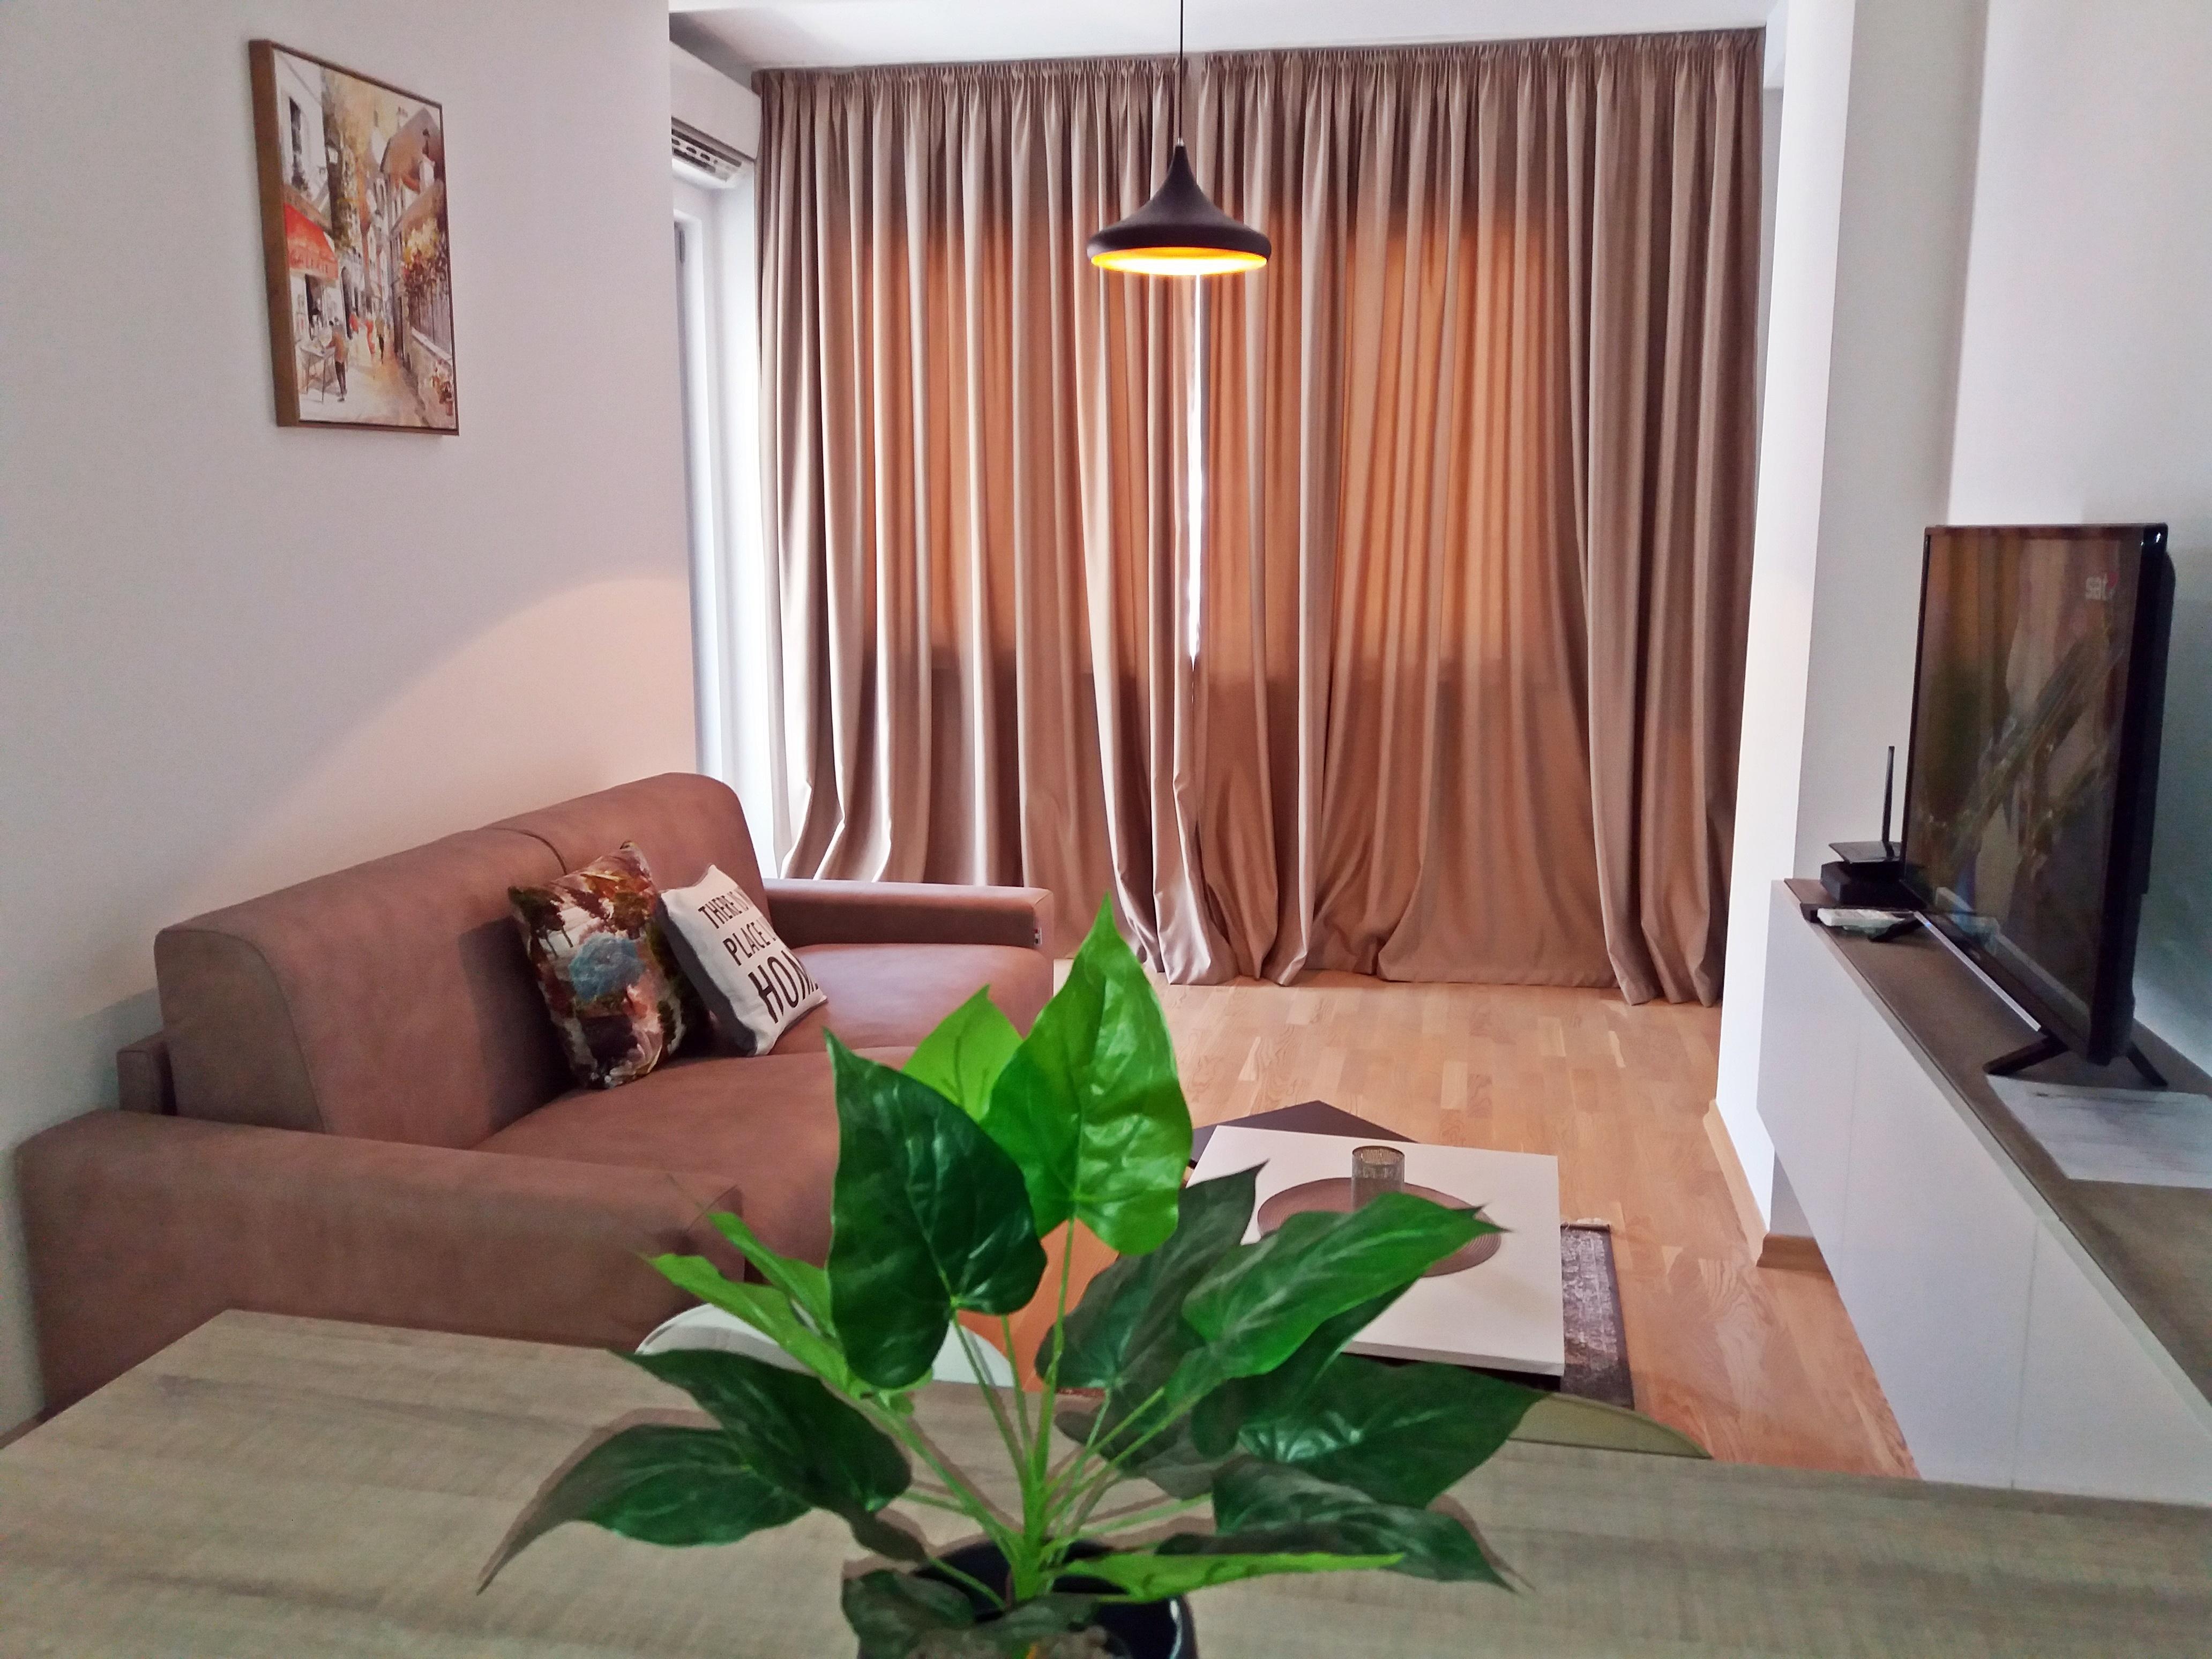 NewLine Montenegro - Luxury City one bedroom apartment C56 - Slika 7